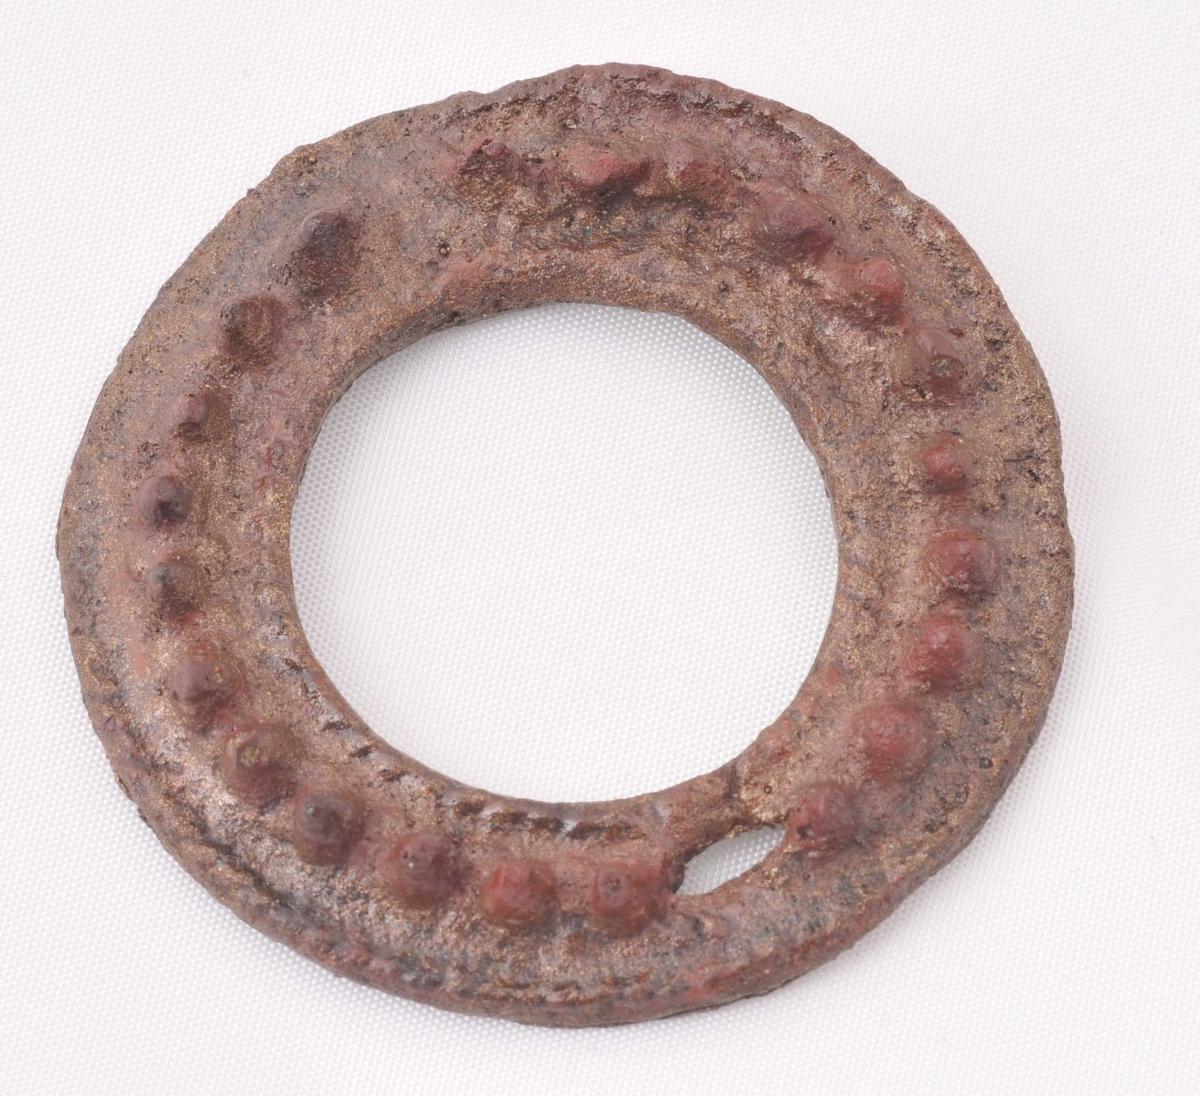 Rund, open ring med taggerand rundt. Kopi av original spenne.